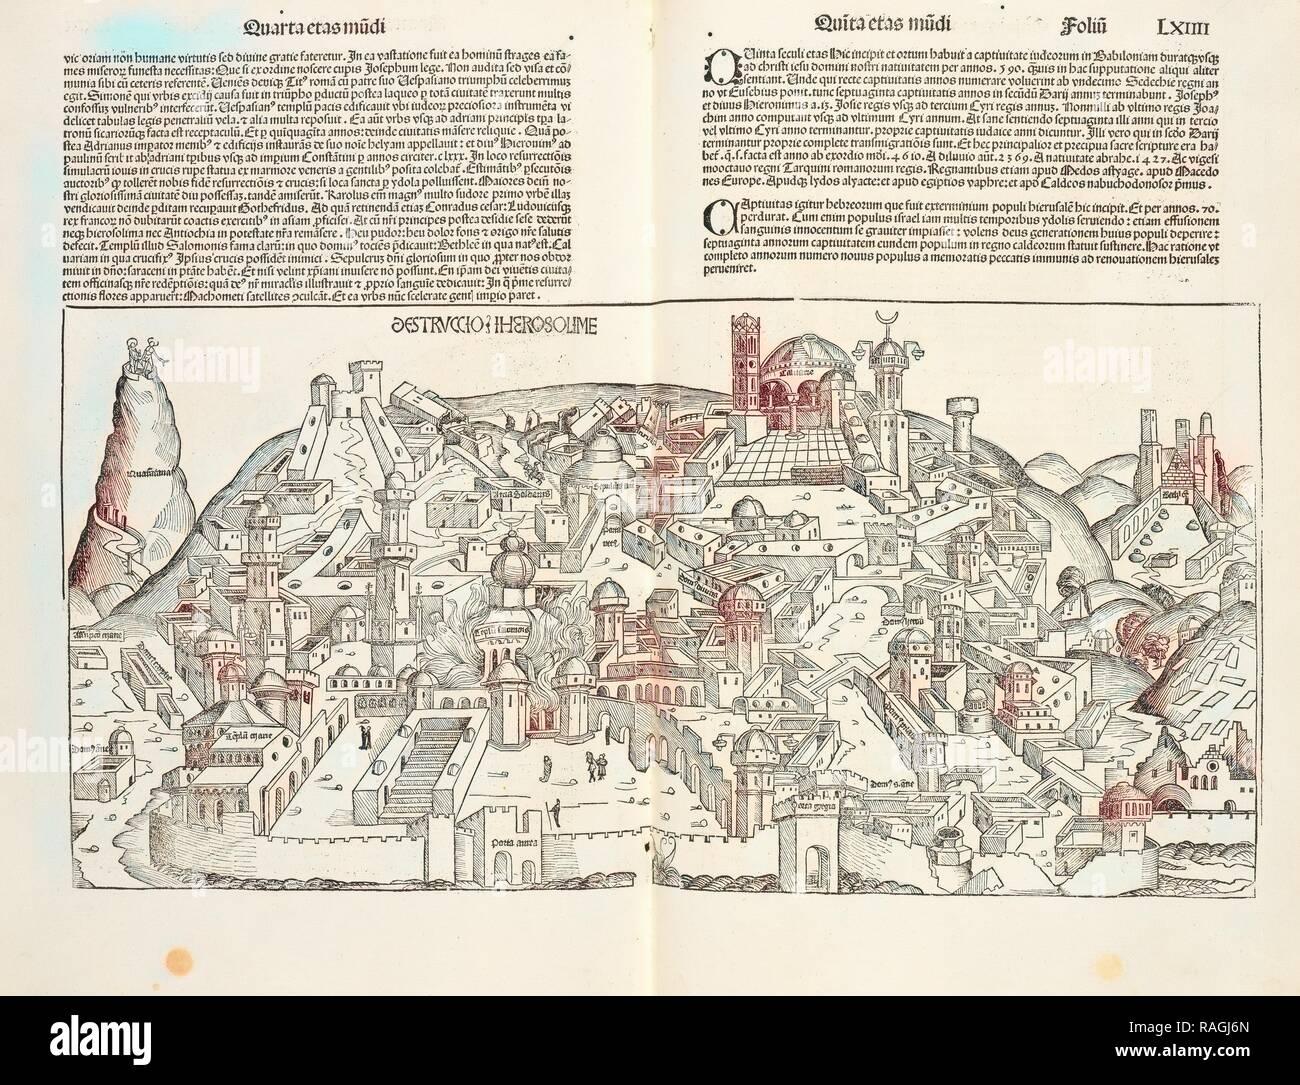 Destruccio Iherosolime, Registrum huius operis libri cronicarum cu, m, figuris et ymagi, nibus ab inicio mundi reimagined - Stock Image